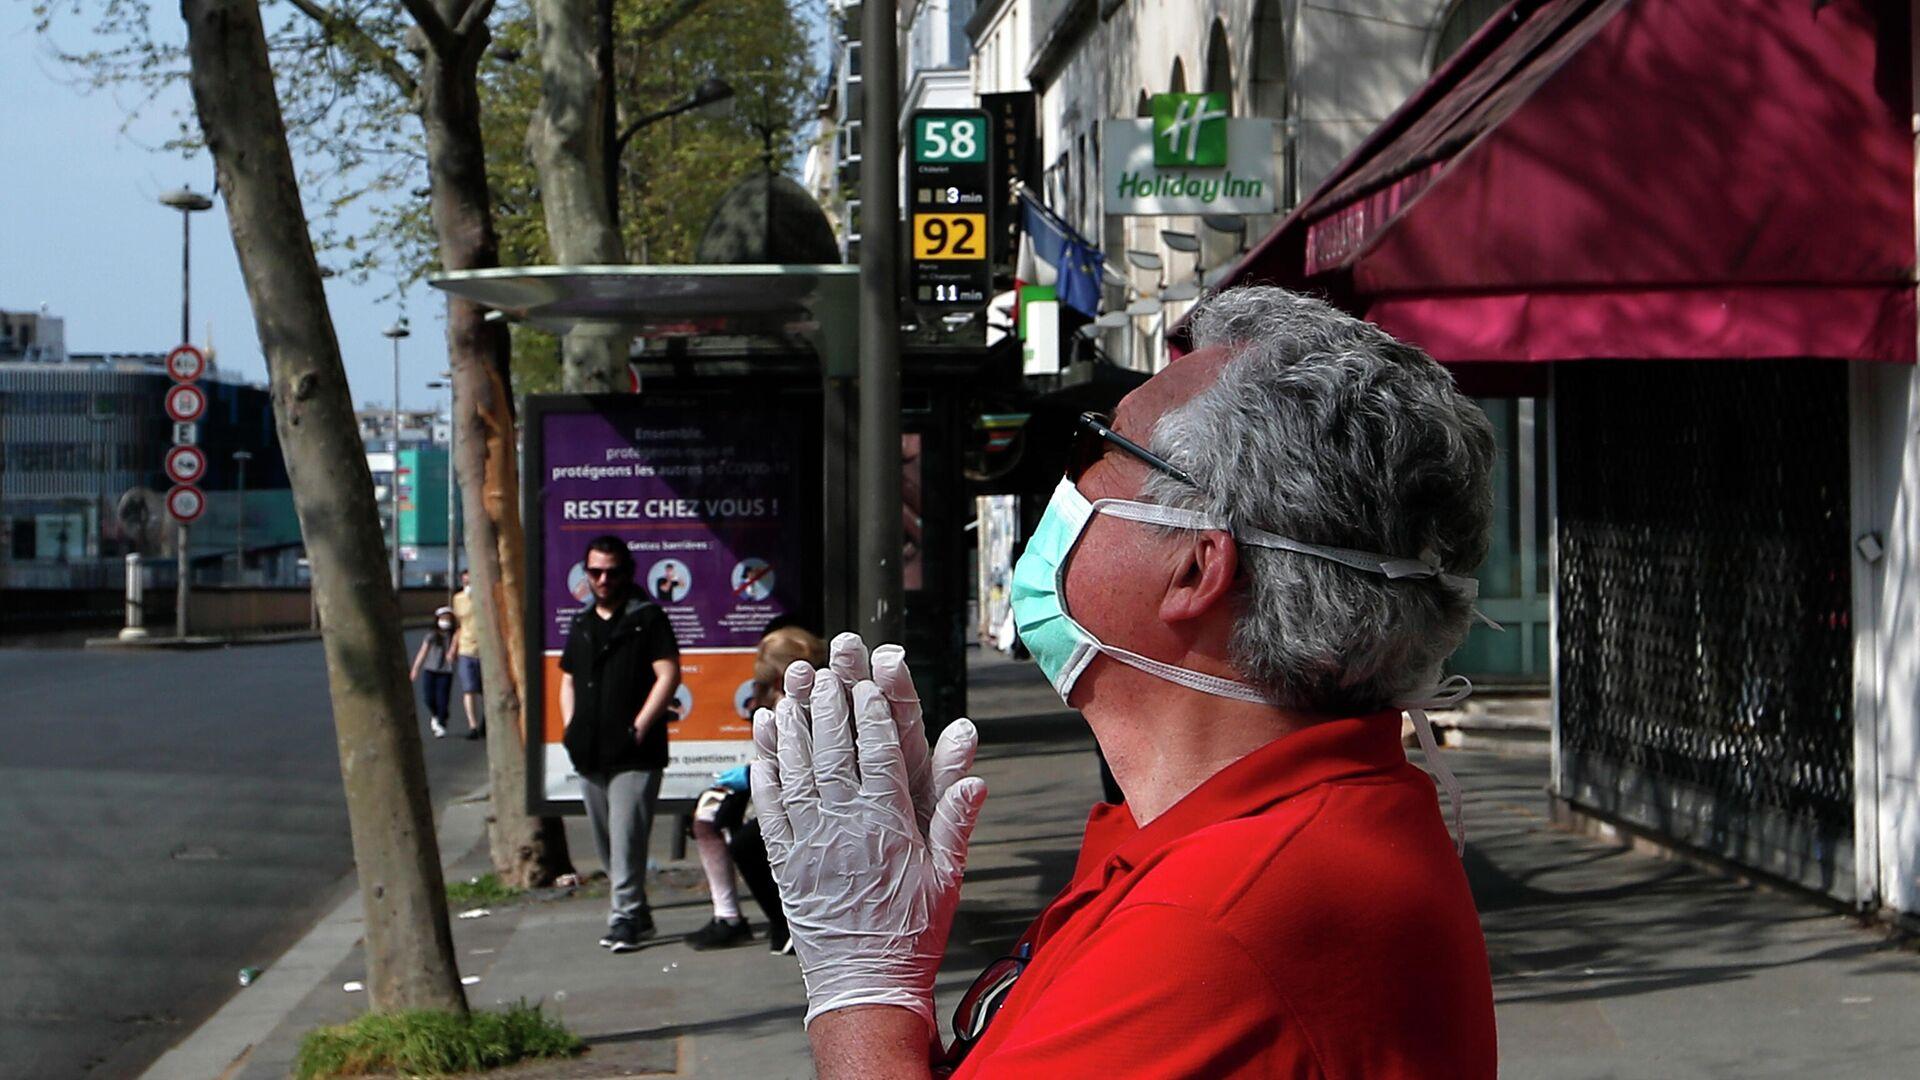 Мужчина в защитной маске на улице Парижа, Франция - РИА Новости, 1920, 20.09.2020